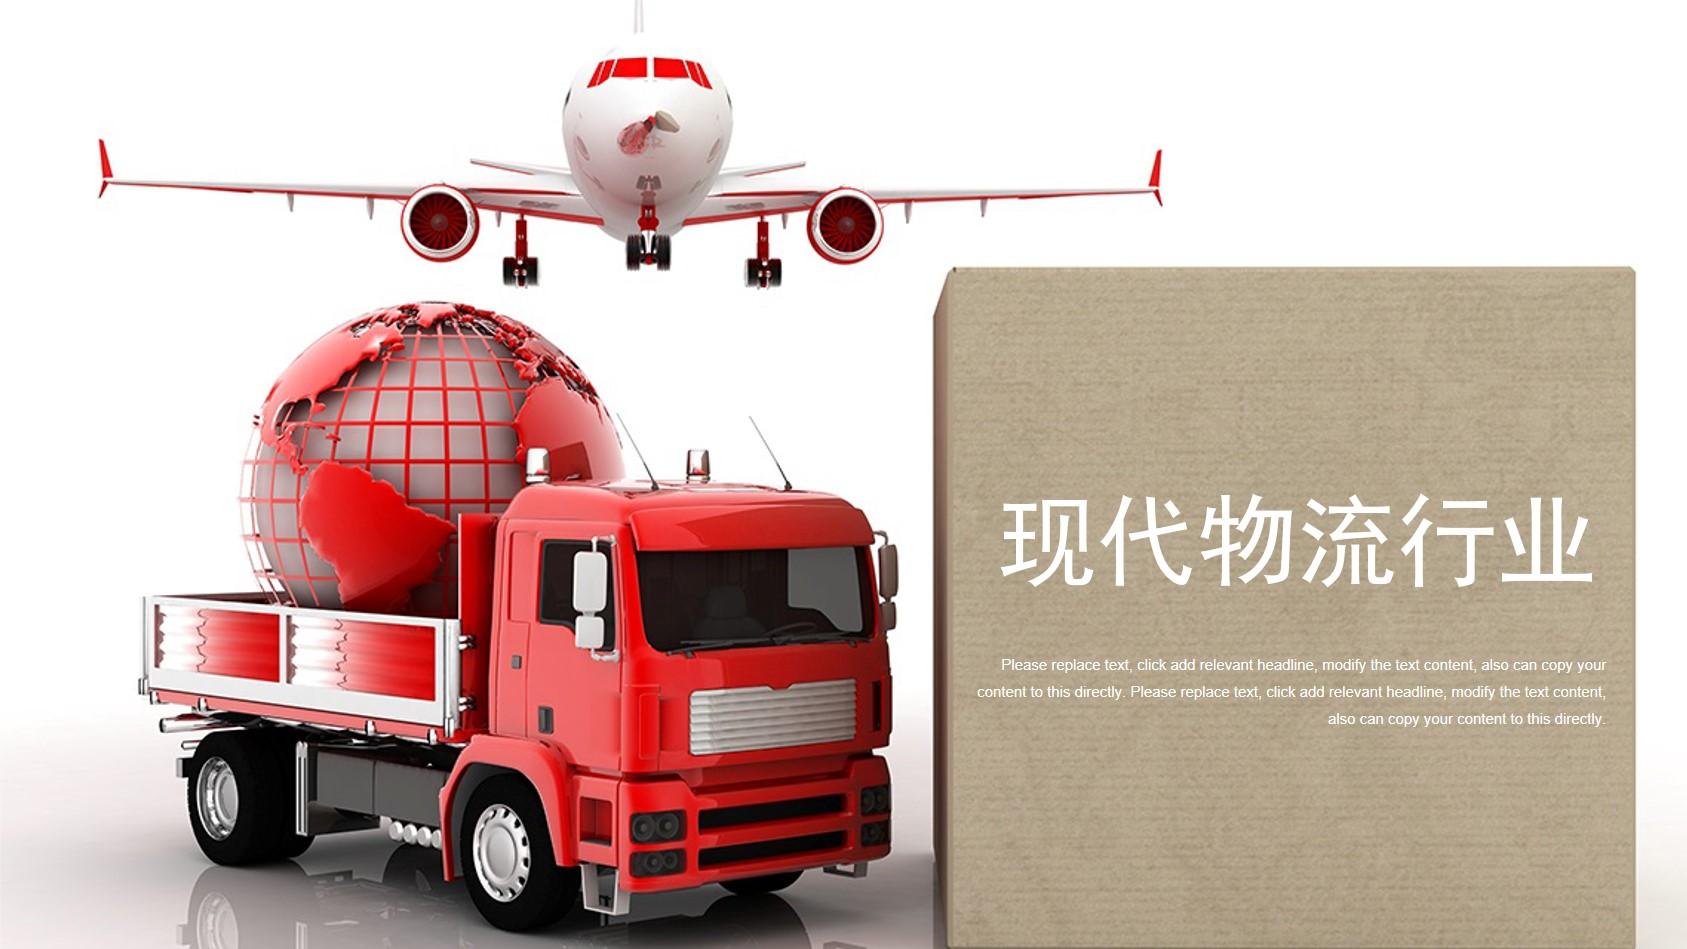 飞机与卡车背景PPT模板 现代物流PPT